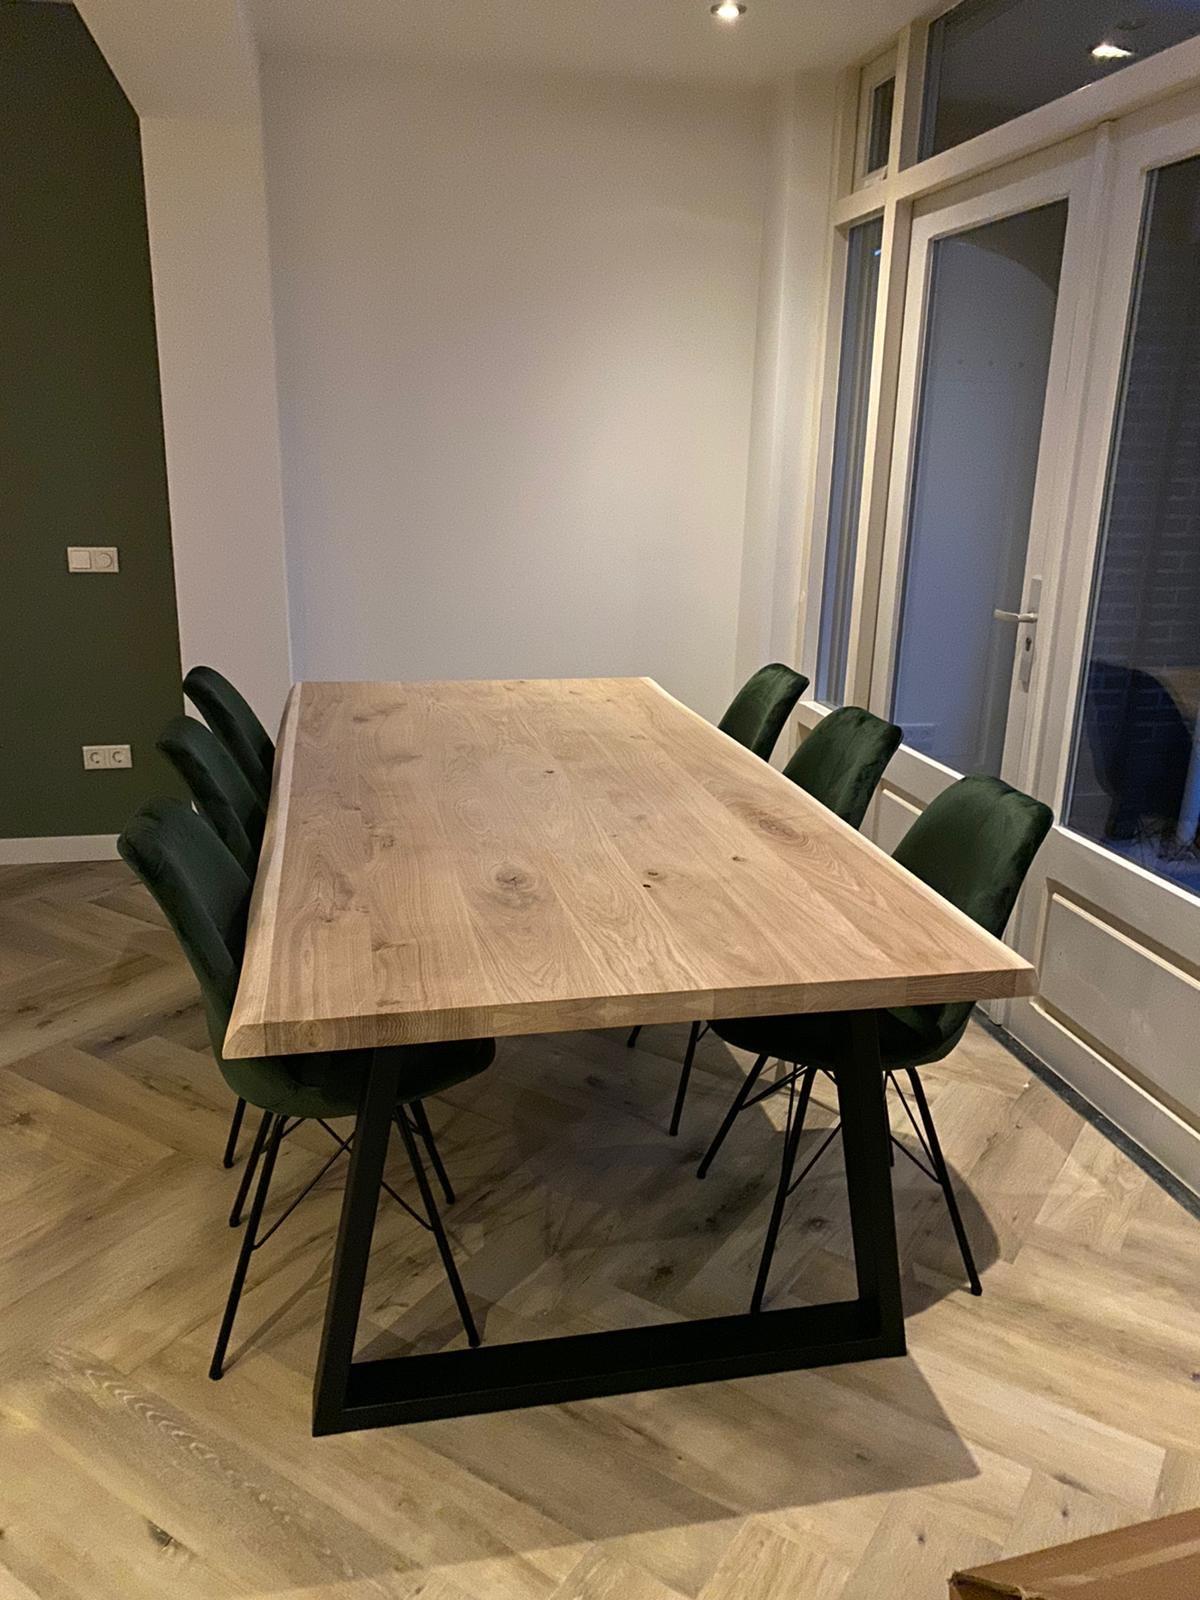 Eiken boomstam(rand) tafelblad - 4,5 cm dik (2-laags rondom) - Diverse afmetingen - extra rustiek Europees eikenhout met schorsrand / waankant - verlijmd kd 10-12%